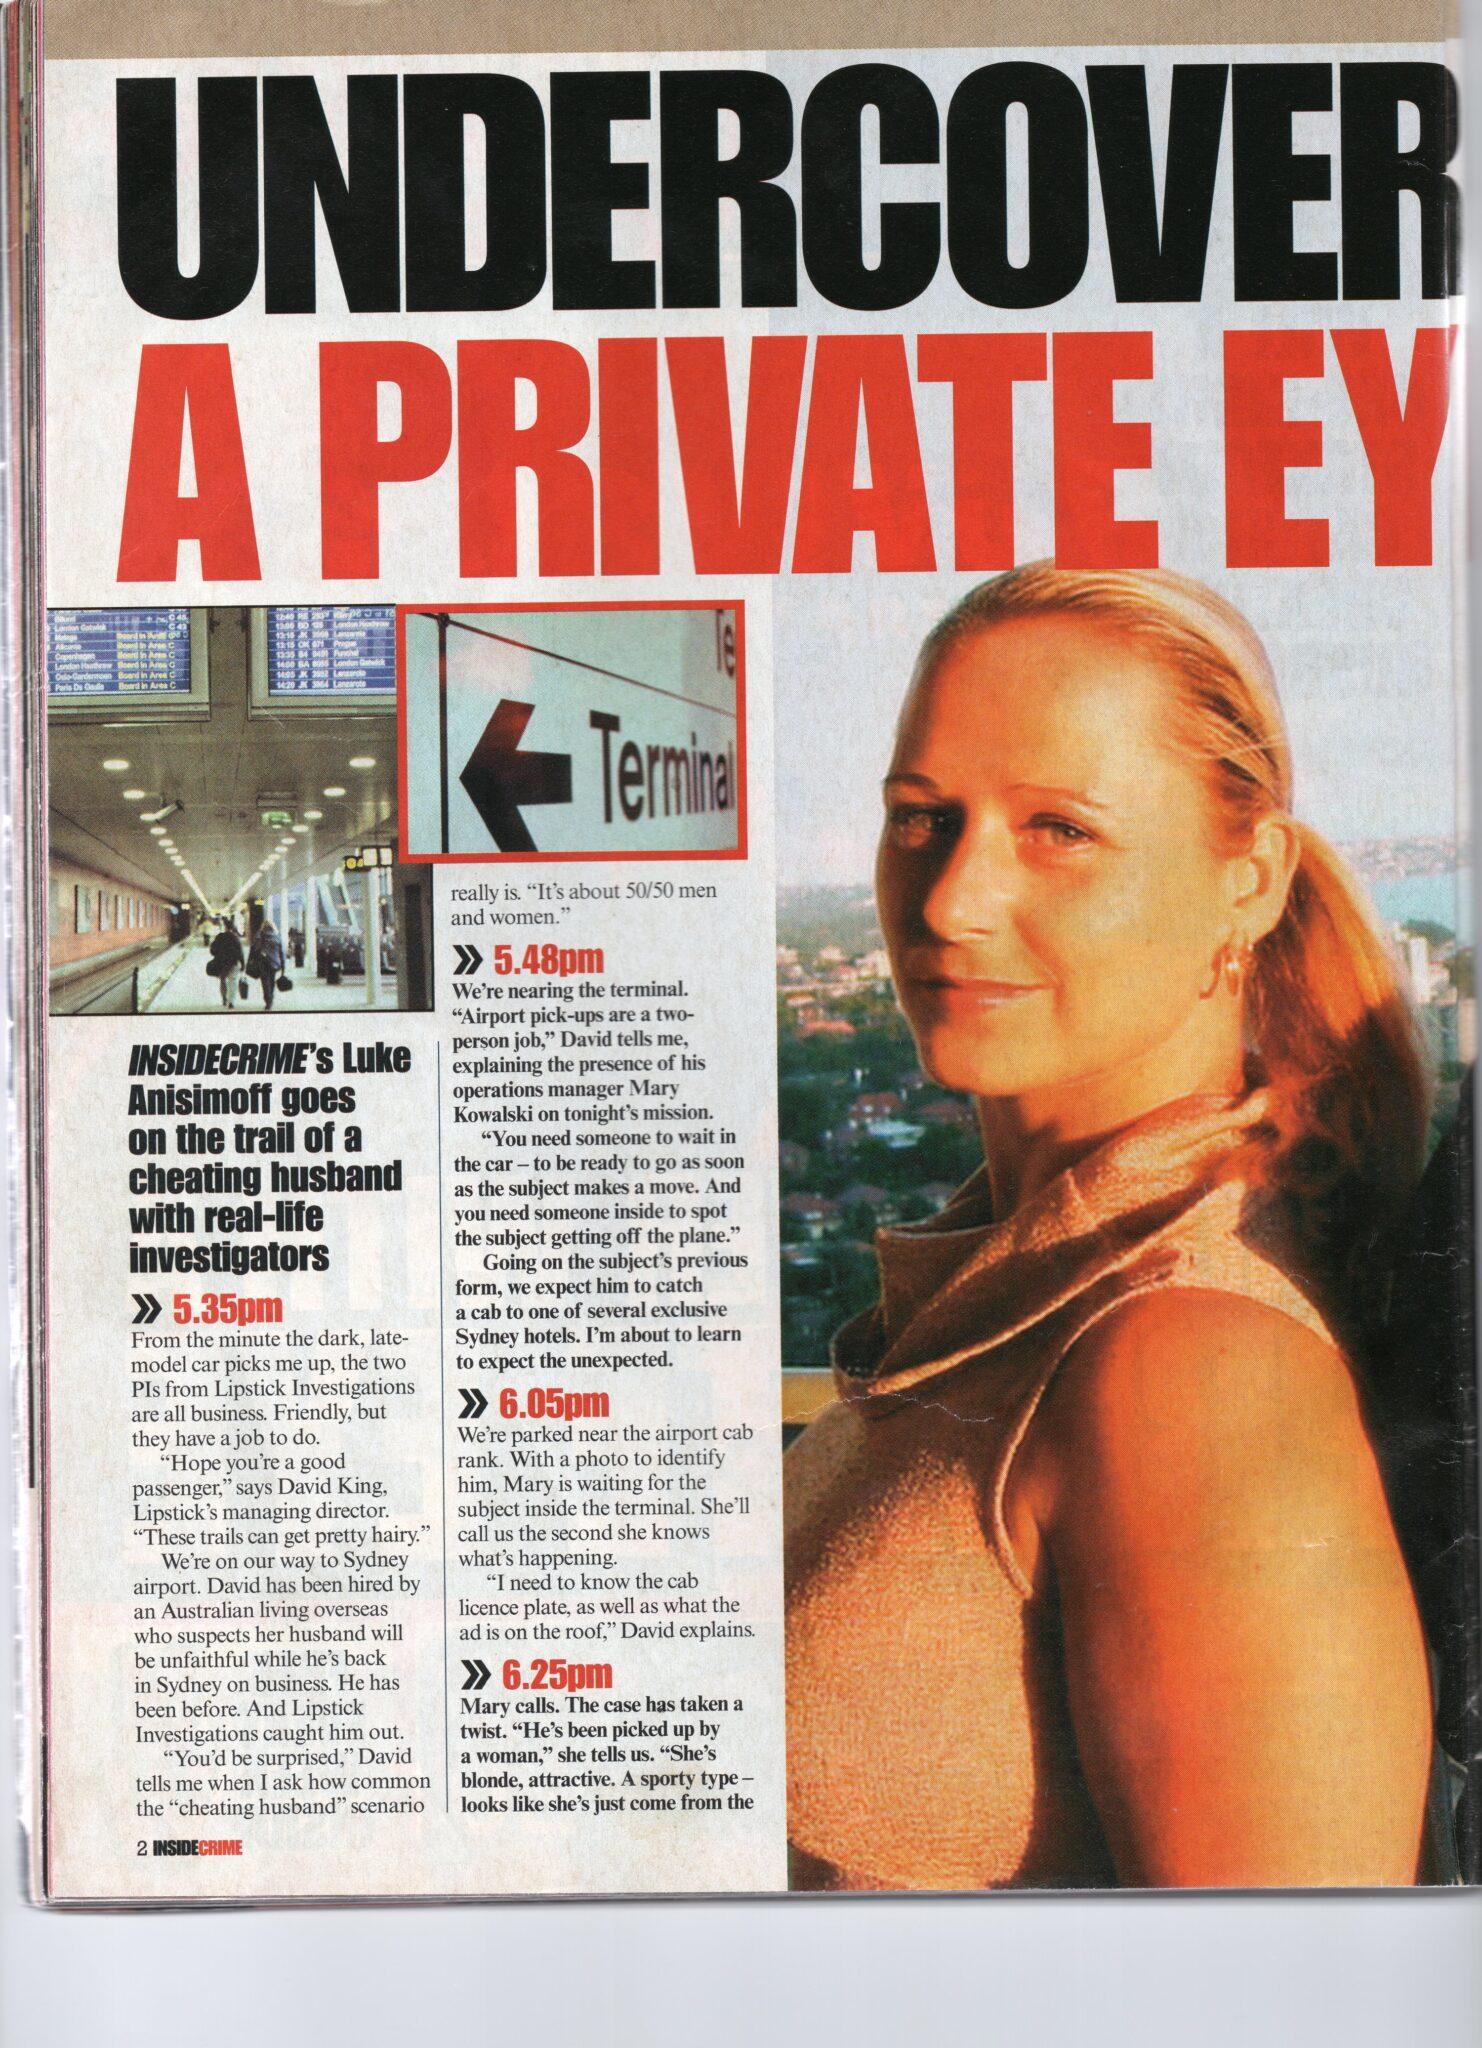 private investigator story